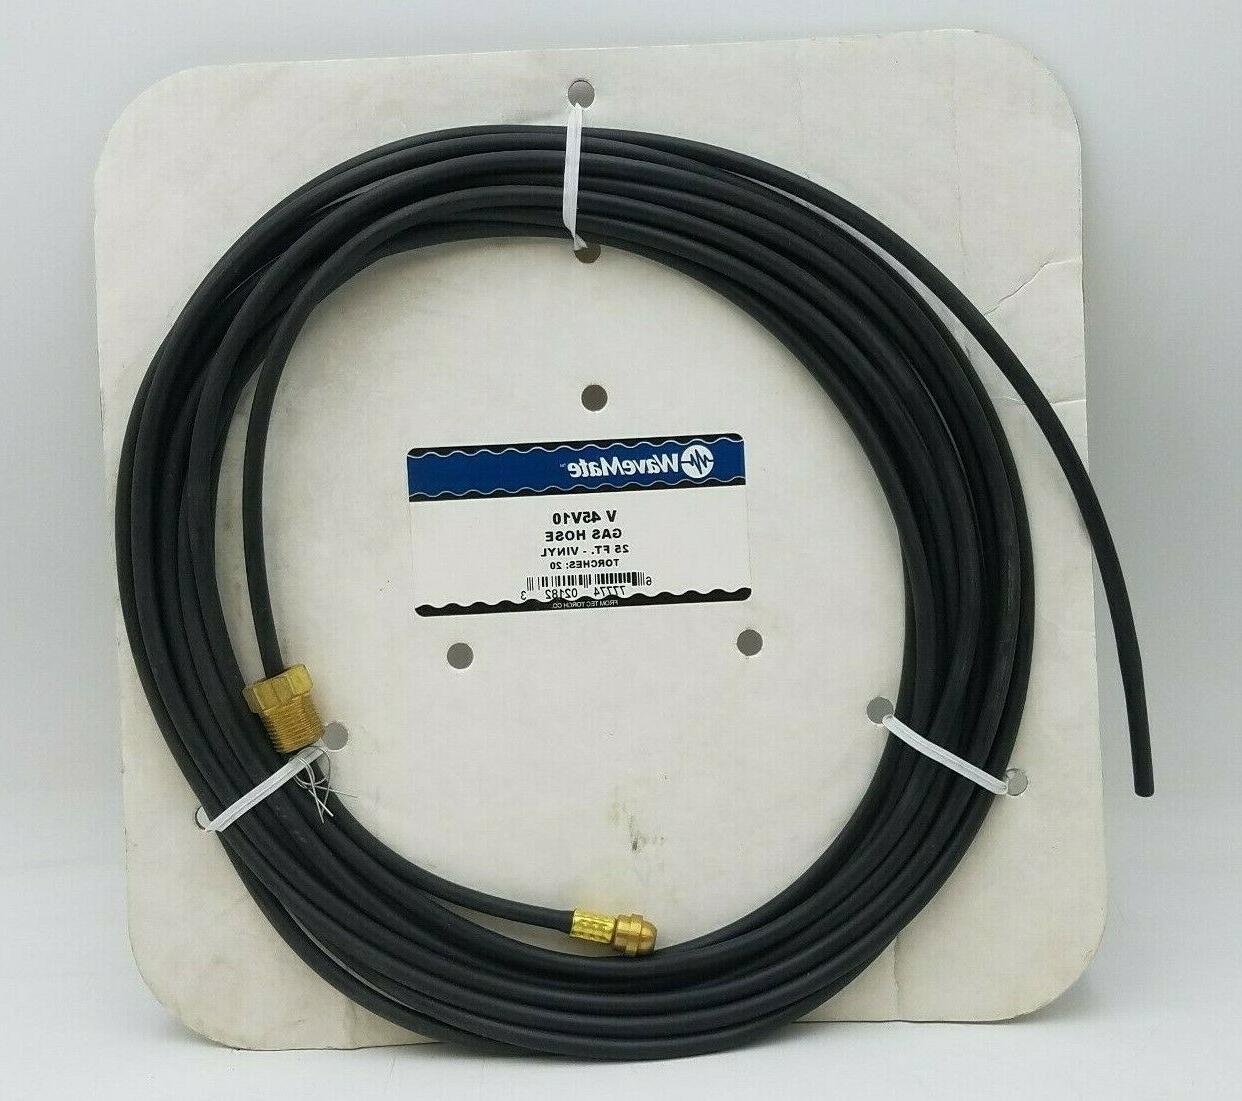 v 45v10 gas hose 25ft vinyl tube